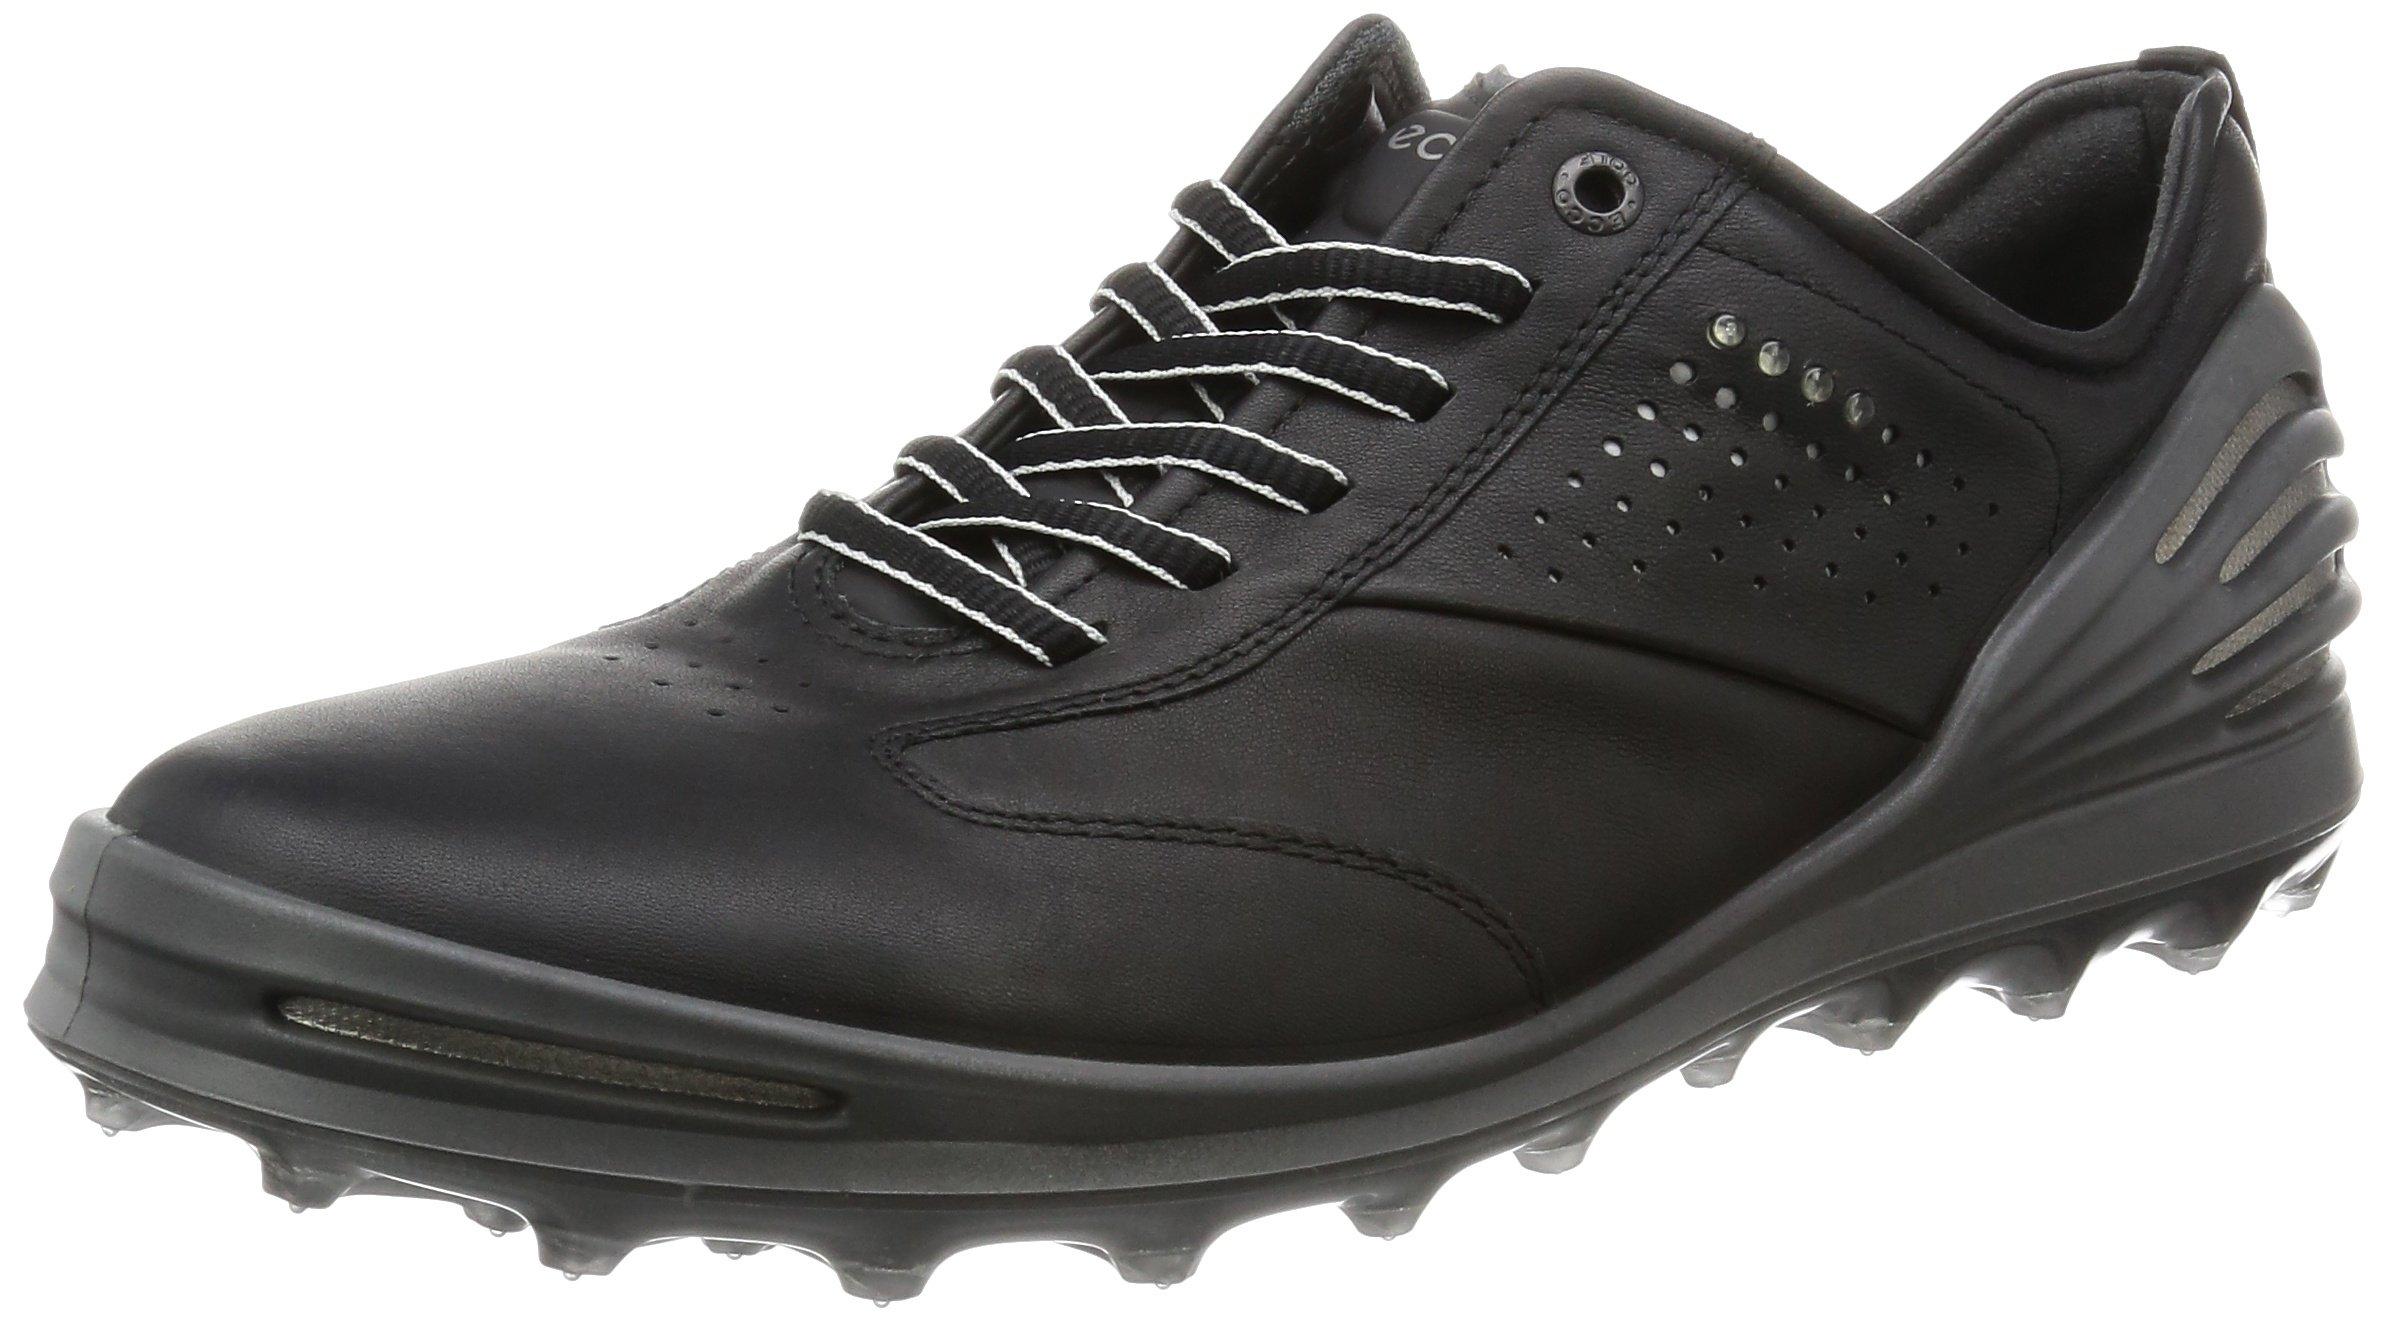 ECCO Men's CAGE PRO Golf Shoe, Black, 39 EU/5-5.5 M US